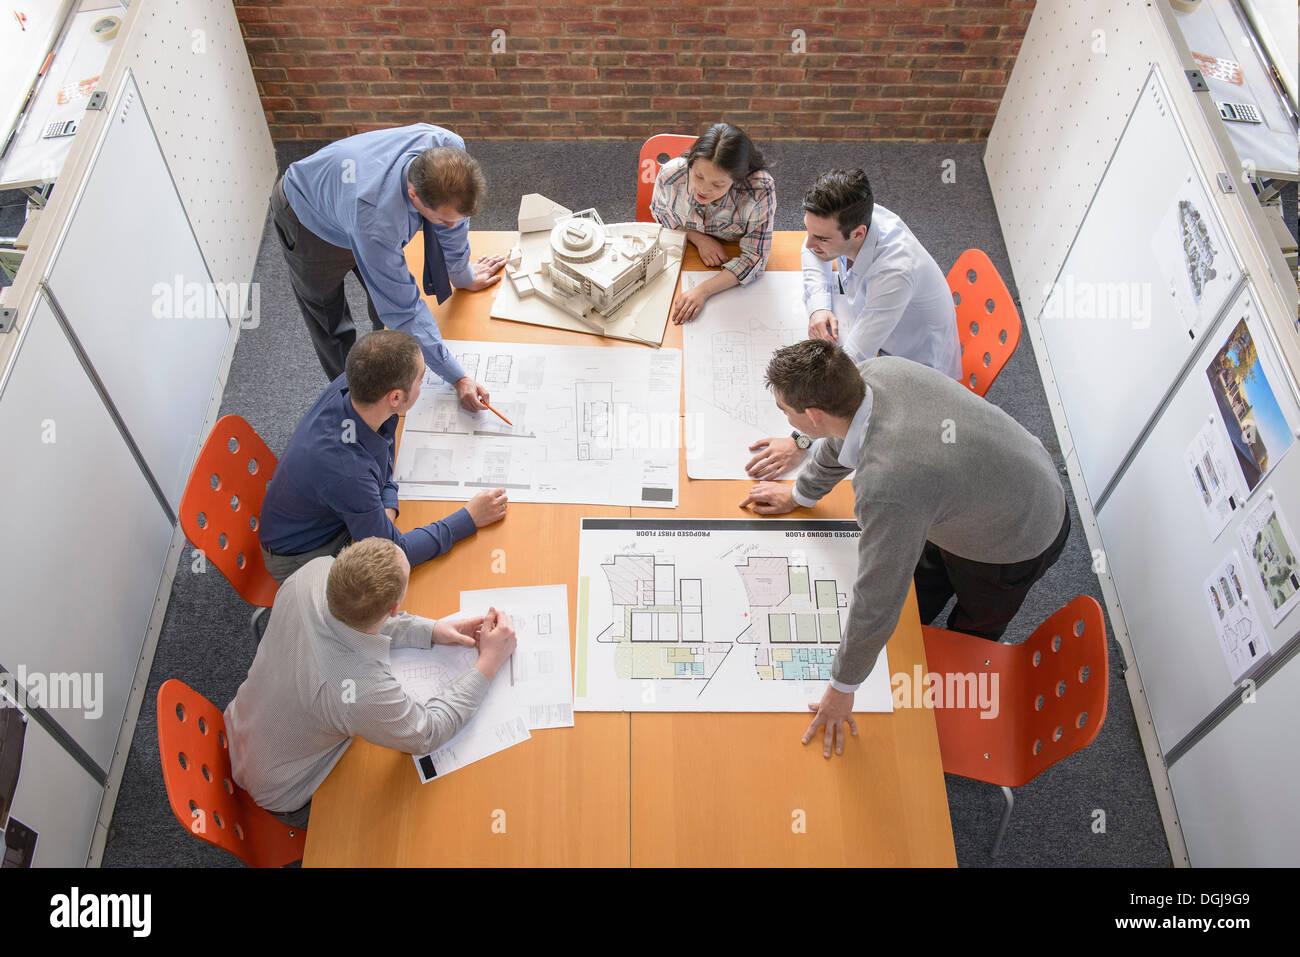 Team di architetti discutendo piani in sala riunioni Immagini Stock